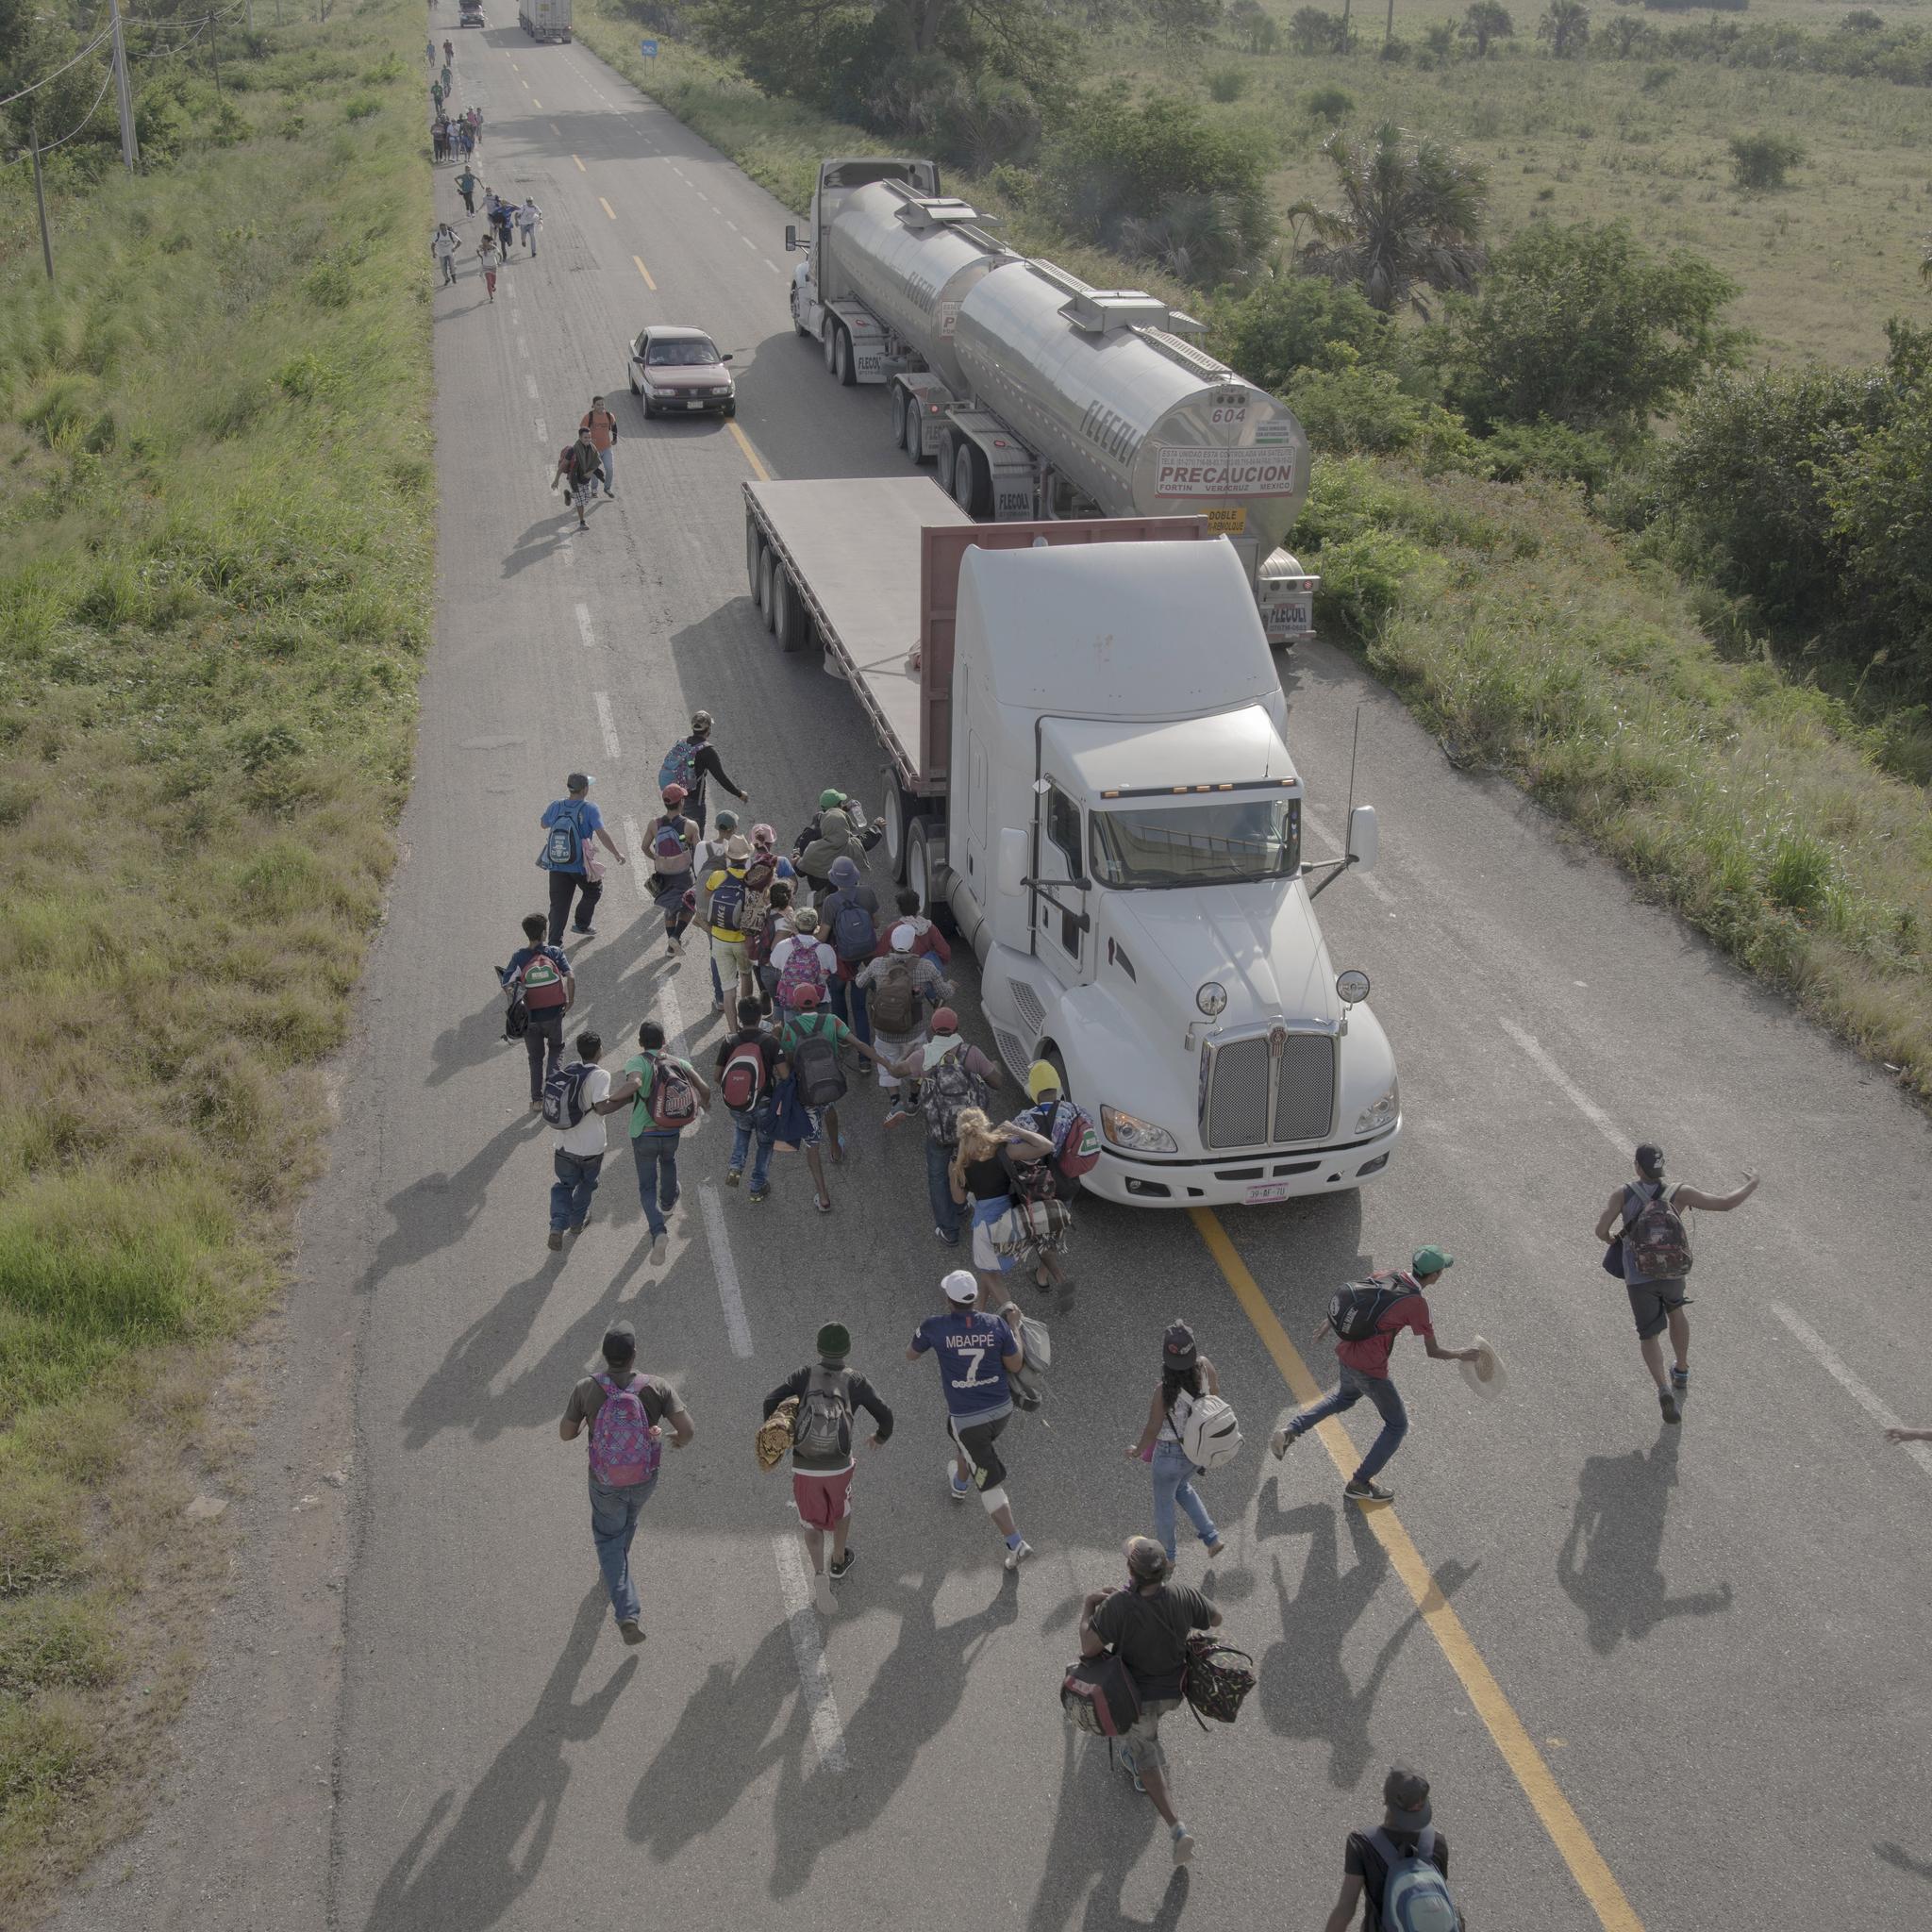 작년 10월 멕시코의 한 도시에서 난민들이 미국 국경방향으로 가는 한 트럭에 올라타고 있다. 대부분의 트럭 운전기사들은 난민들을 가는 방향까지 무료로 태워주고 있다.[EPA=연합뉴스]